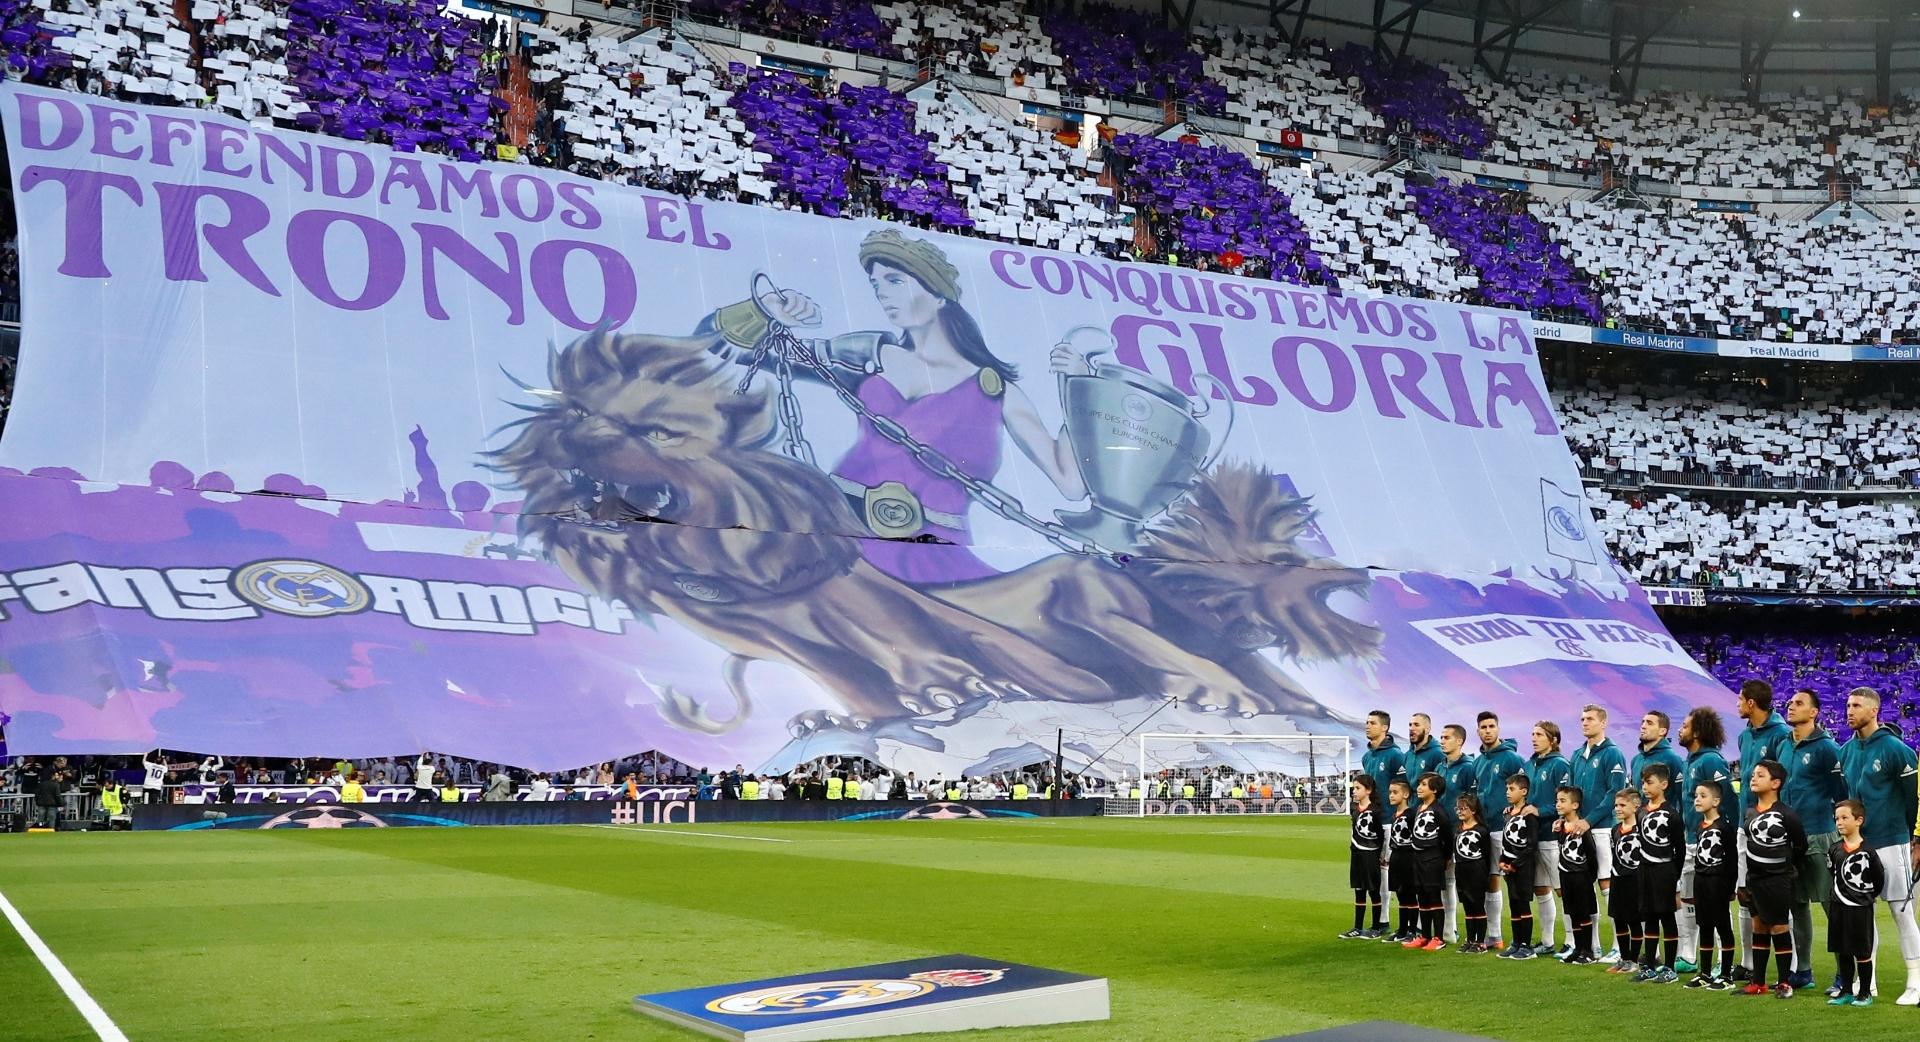 A torcida do Real Madrid fez um belo mosaico antes da partida começar no Santiago Bernabéu